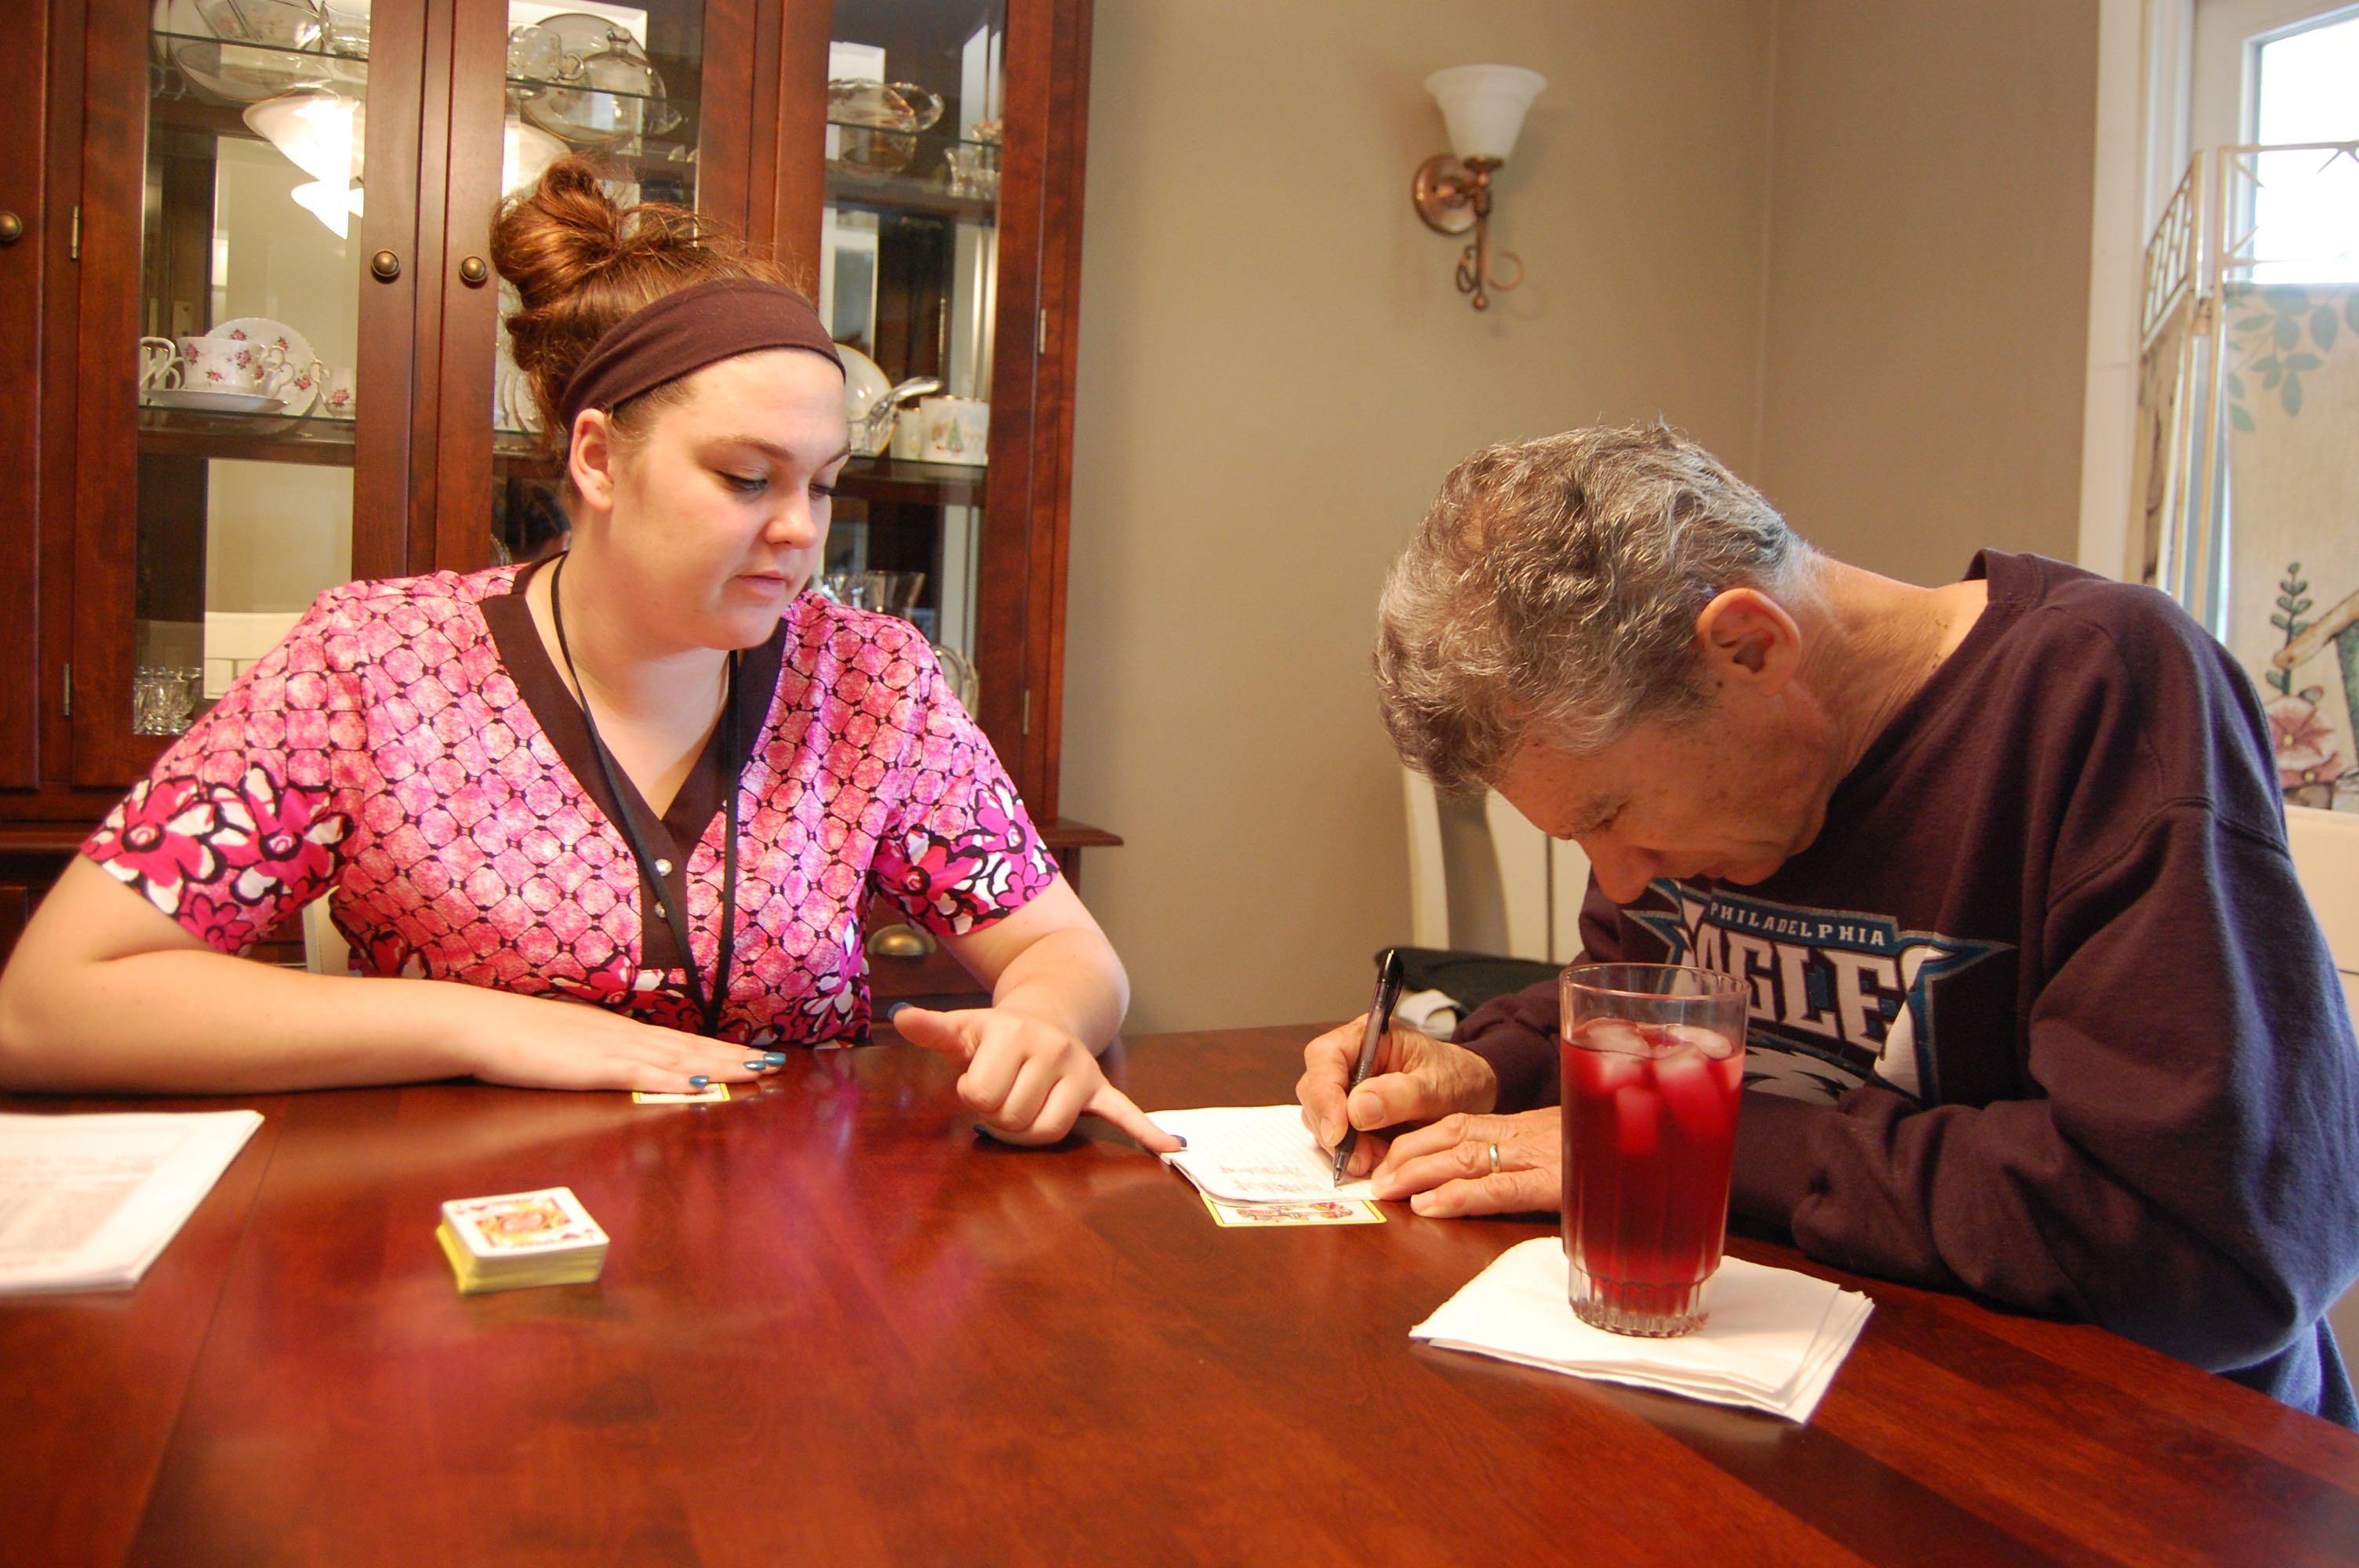 Woman helping man write